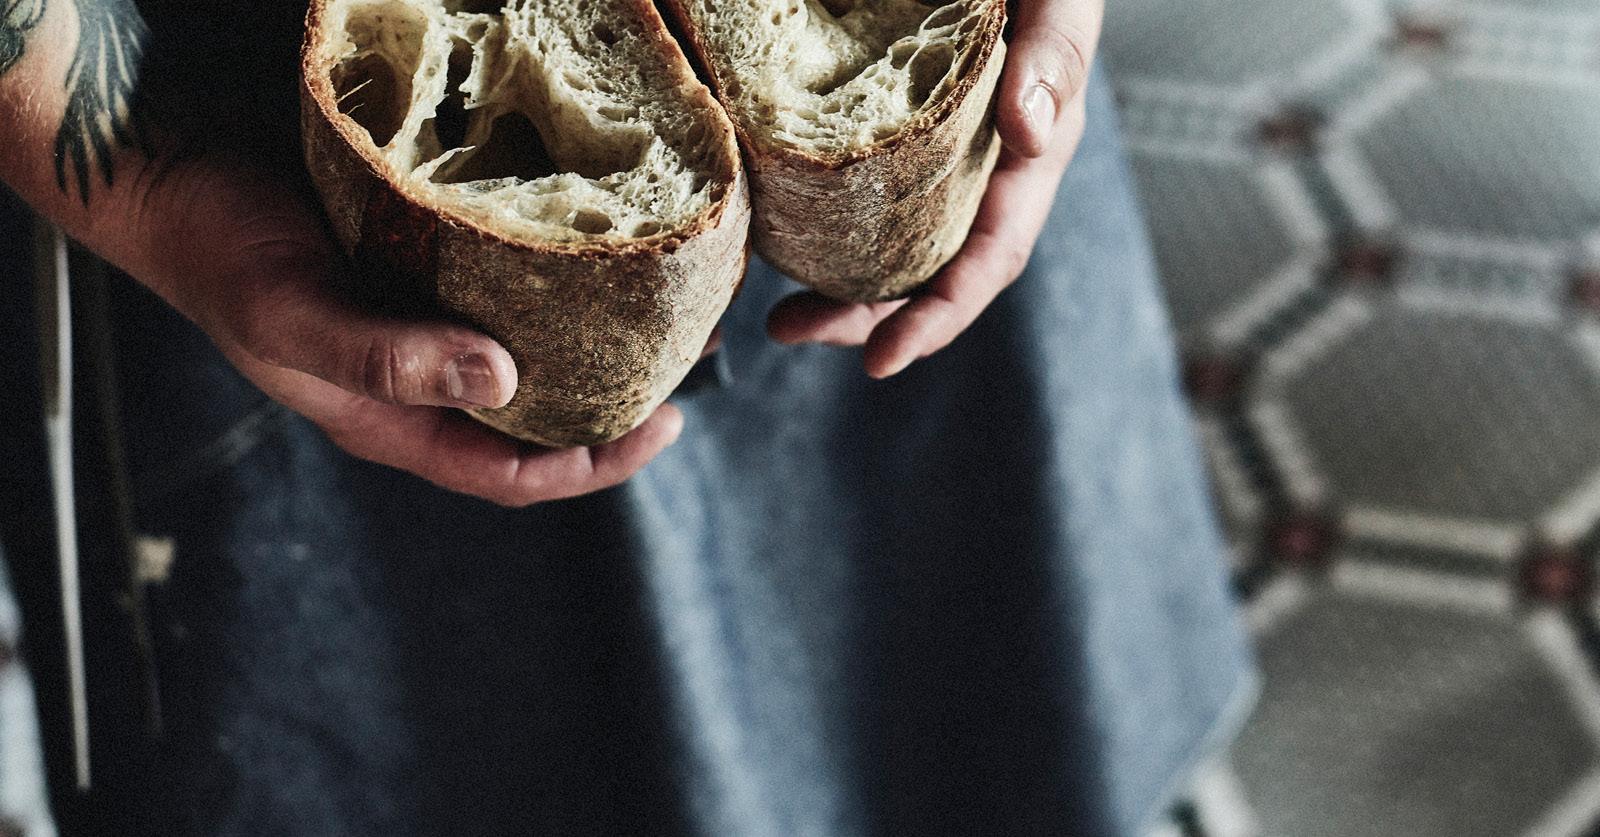 """""""Yksinkertainen ja laadukkaista raaka-aineista tehty ruoka on ajankotaista aina ja kaikkialla."""" Kuva: Petri Teppo – Studio Artica"""